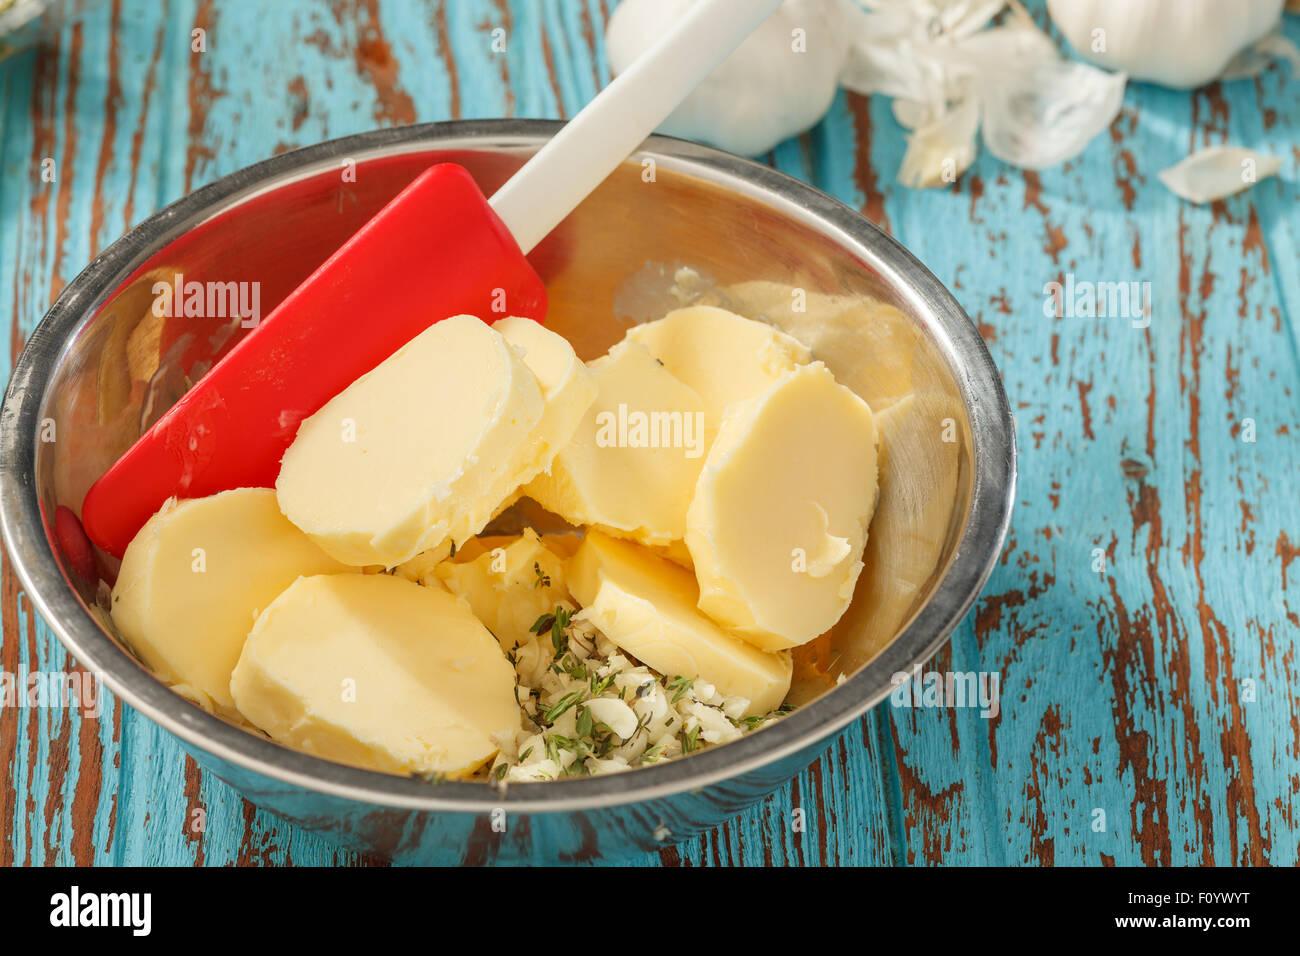 zusammengesetzte Butter Zutaten Kraut Koriander Knoblauch Zitrone frischen Frühlingszwiebeln hausgemachte italienische Stockfoto